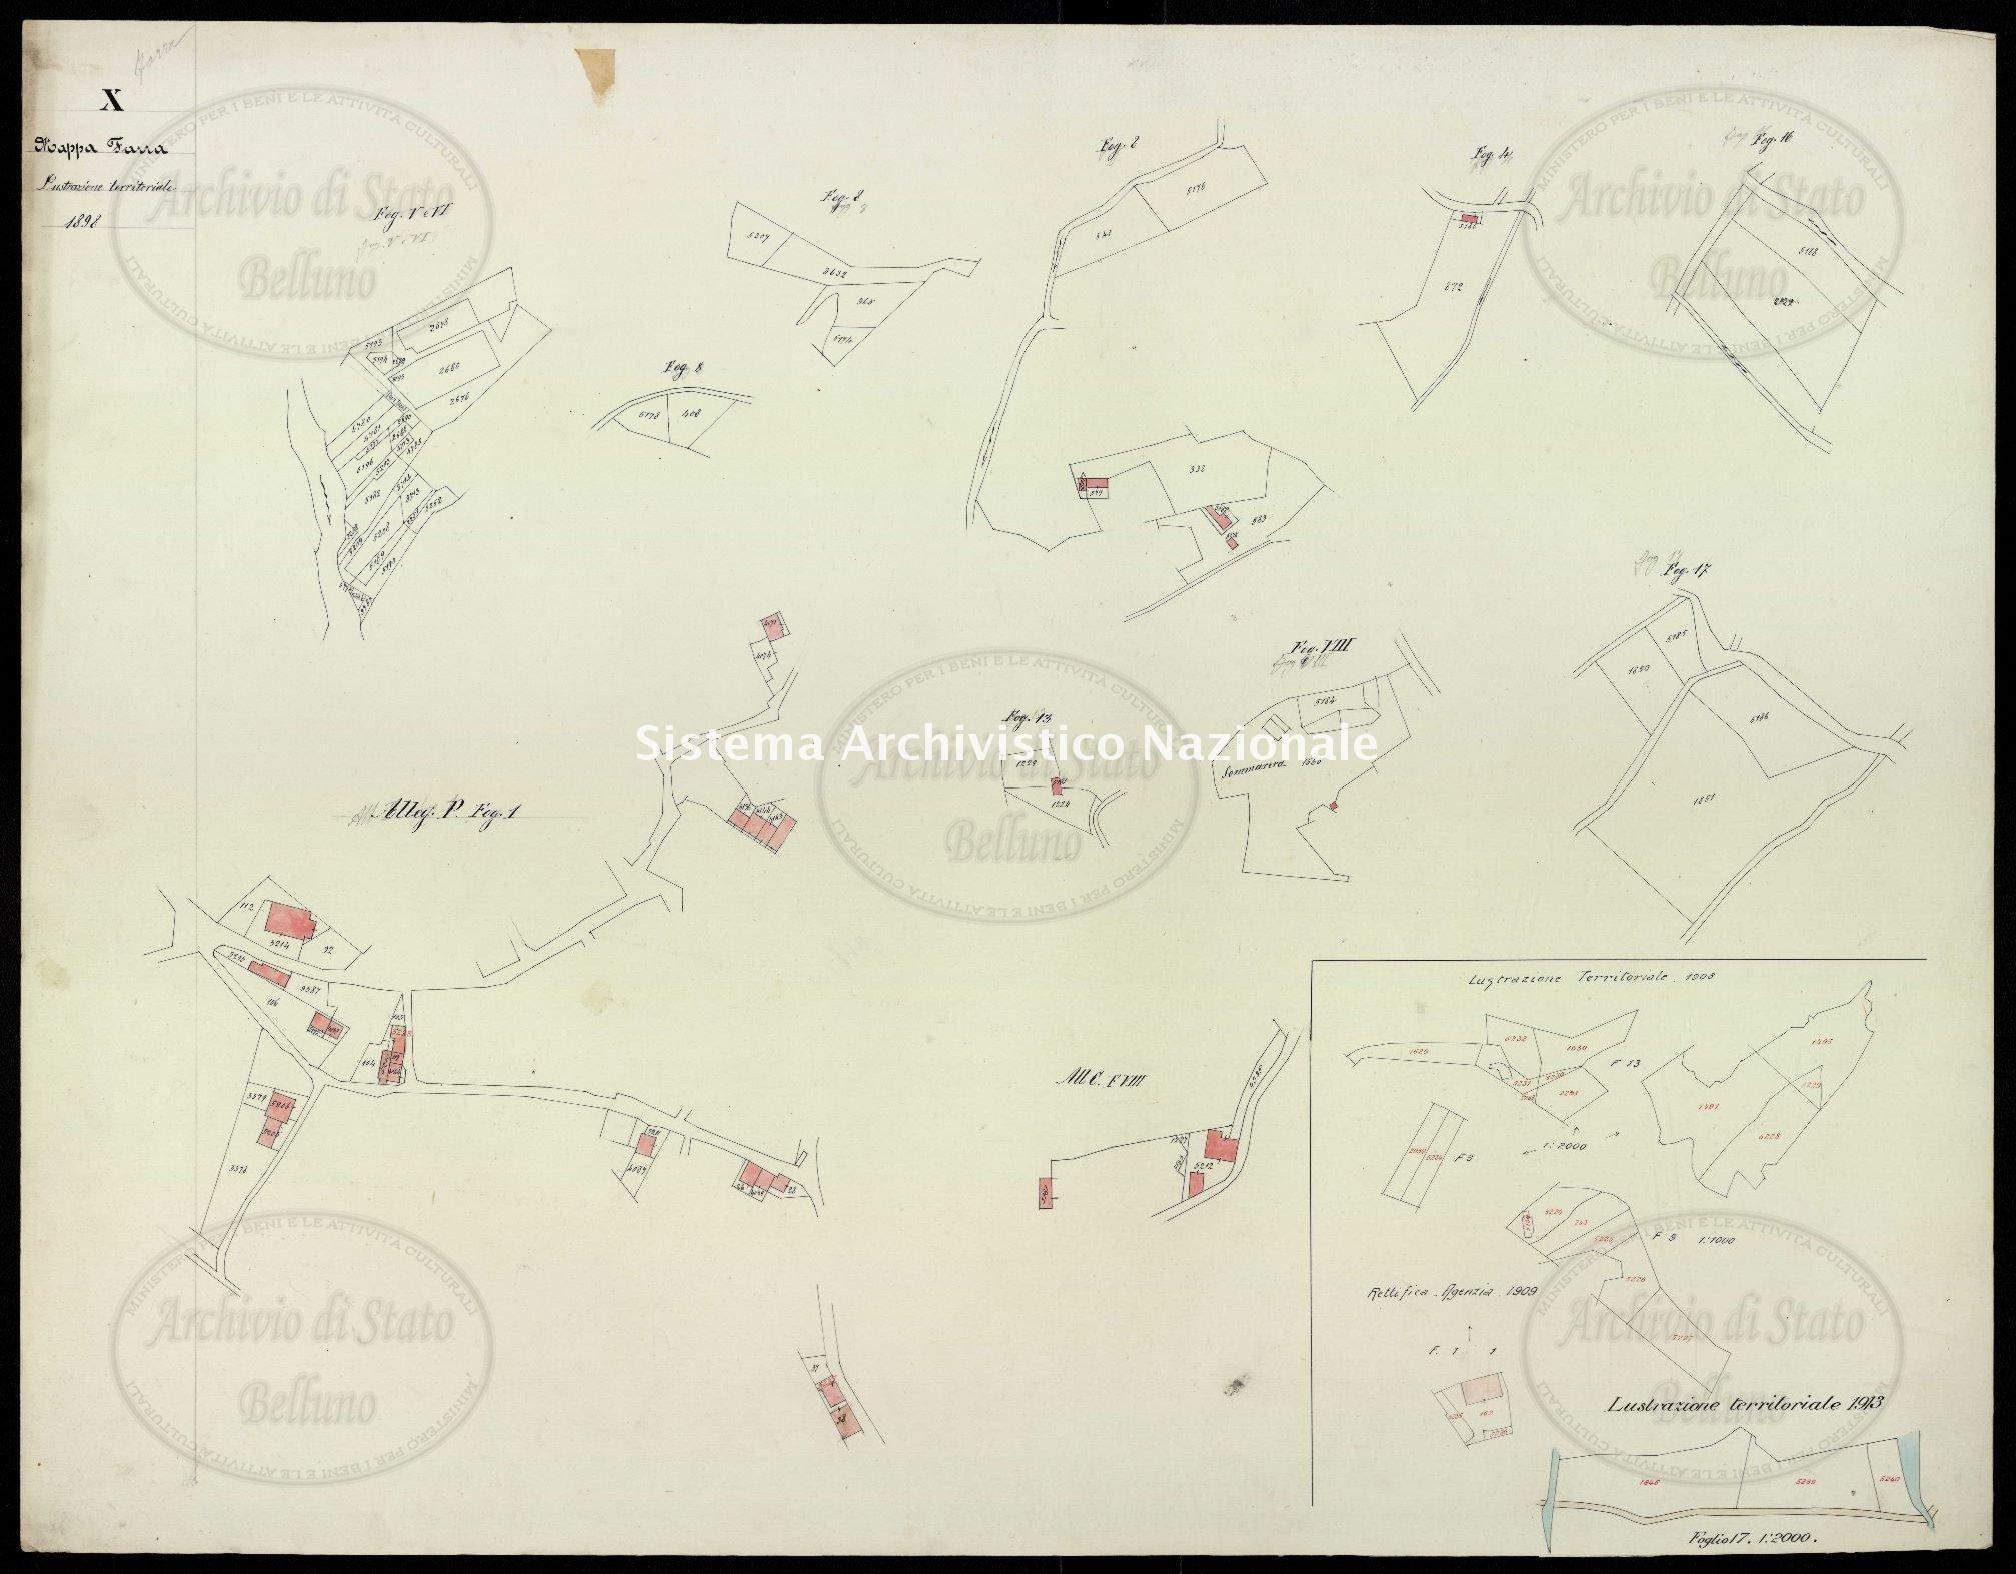 Archivio di Stato di Belluno, Censo stabile attivato, Mappe, Mappe I conservazione, Comune censuario 035 Farra d'Alpago